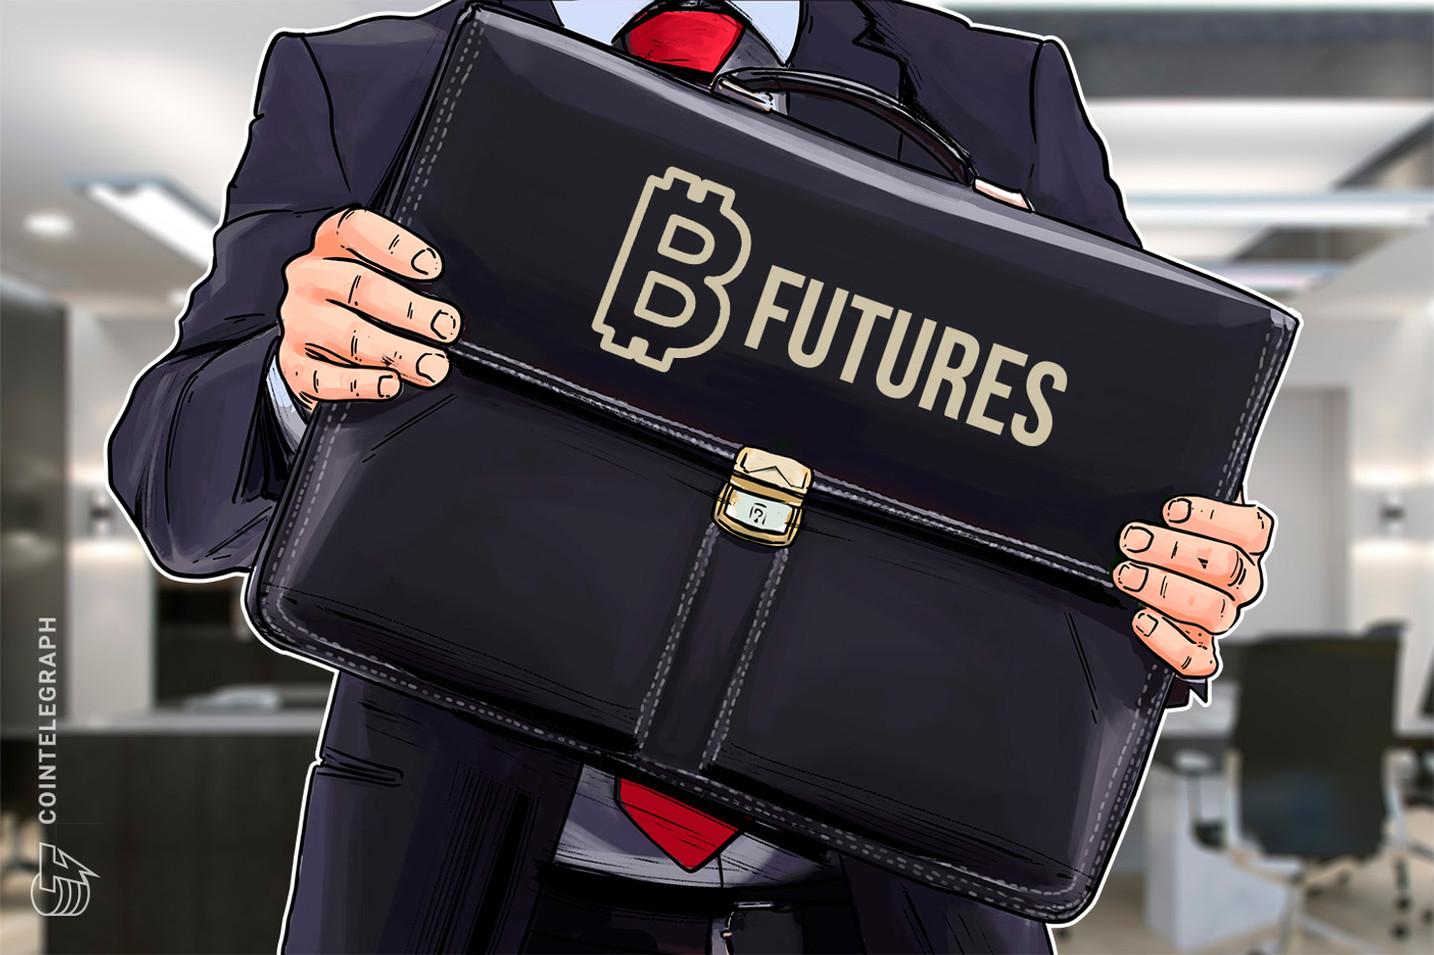 仮想通貨ビットコイン先物に投資するファンド、米資産運用会社がSECに登録申請